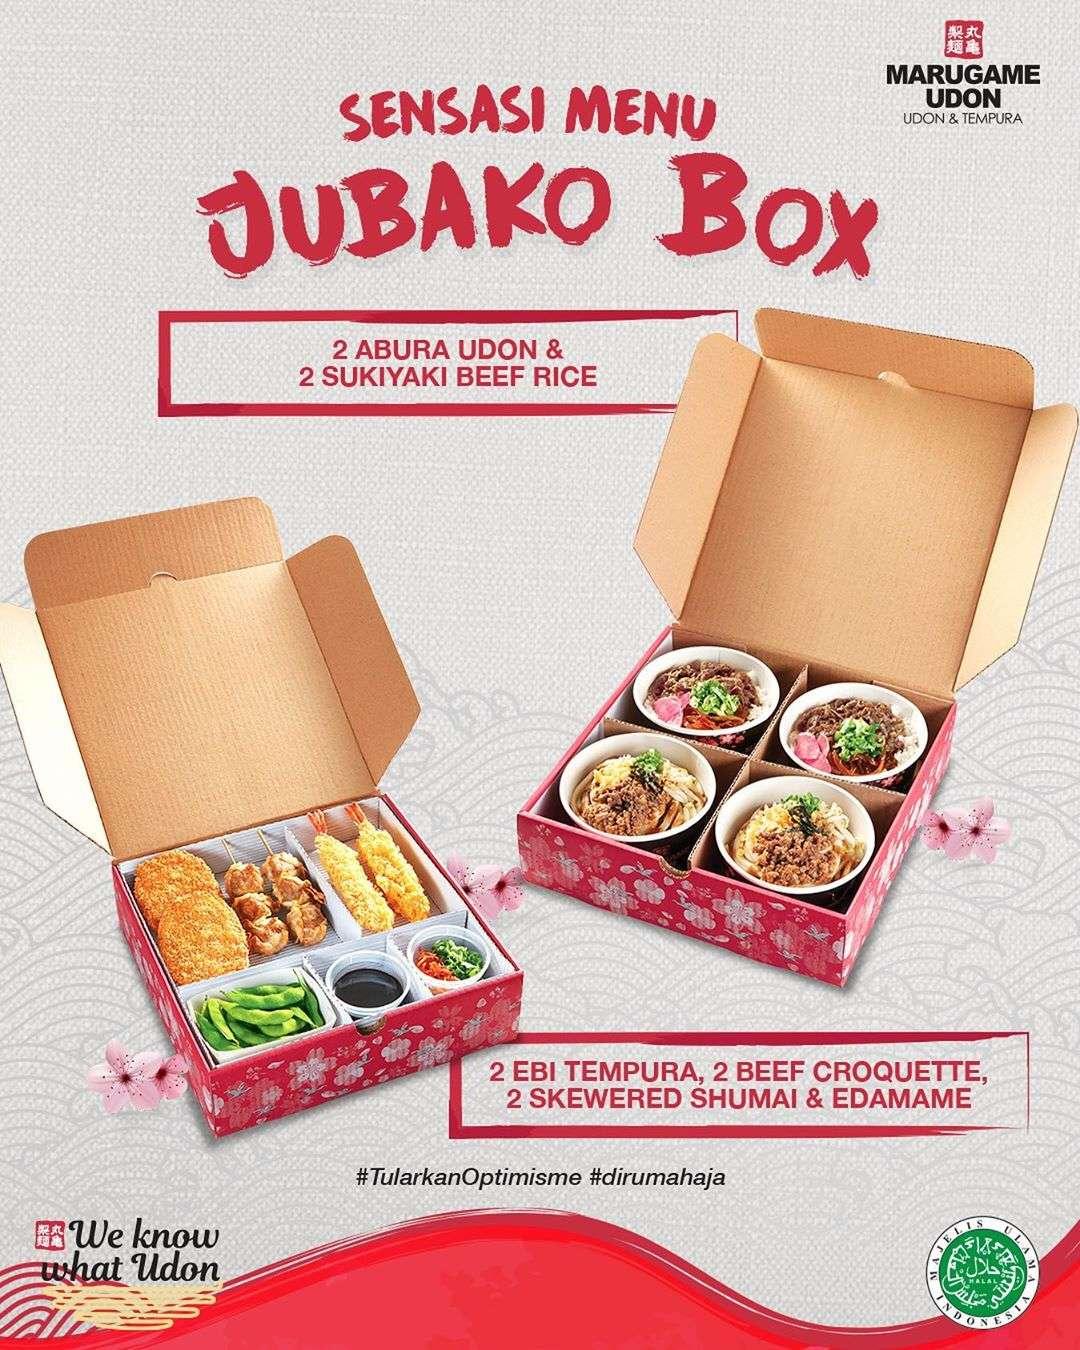 Diskon Marugame Udon Promo Sensasi Menu Jubako Box Dengan Harga Rp. 220.000